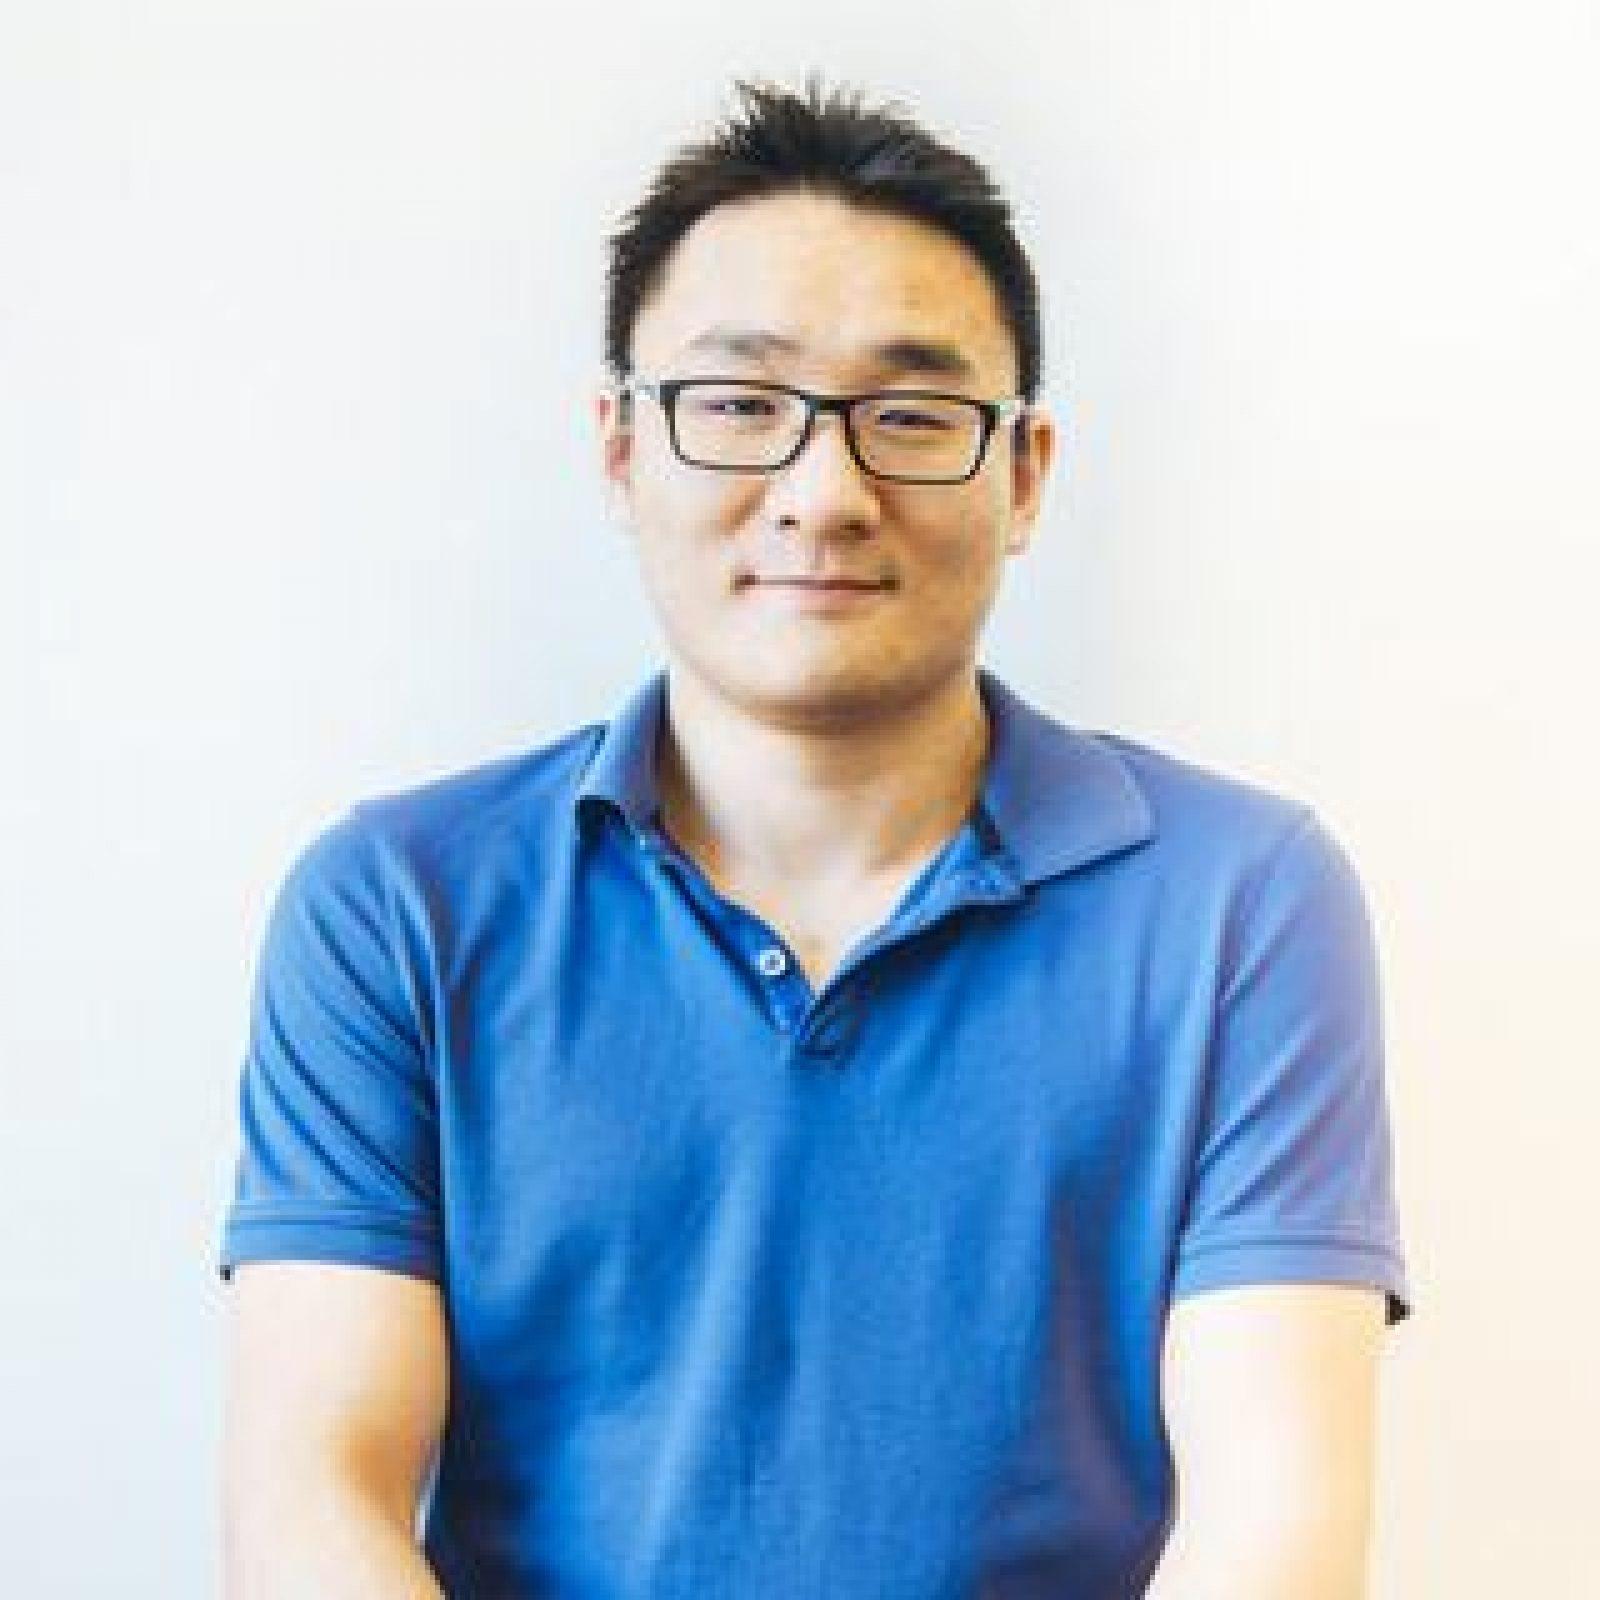 Yang Han, Co-Founder & CTO, StackAdapt